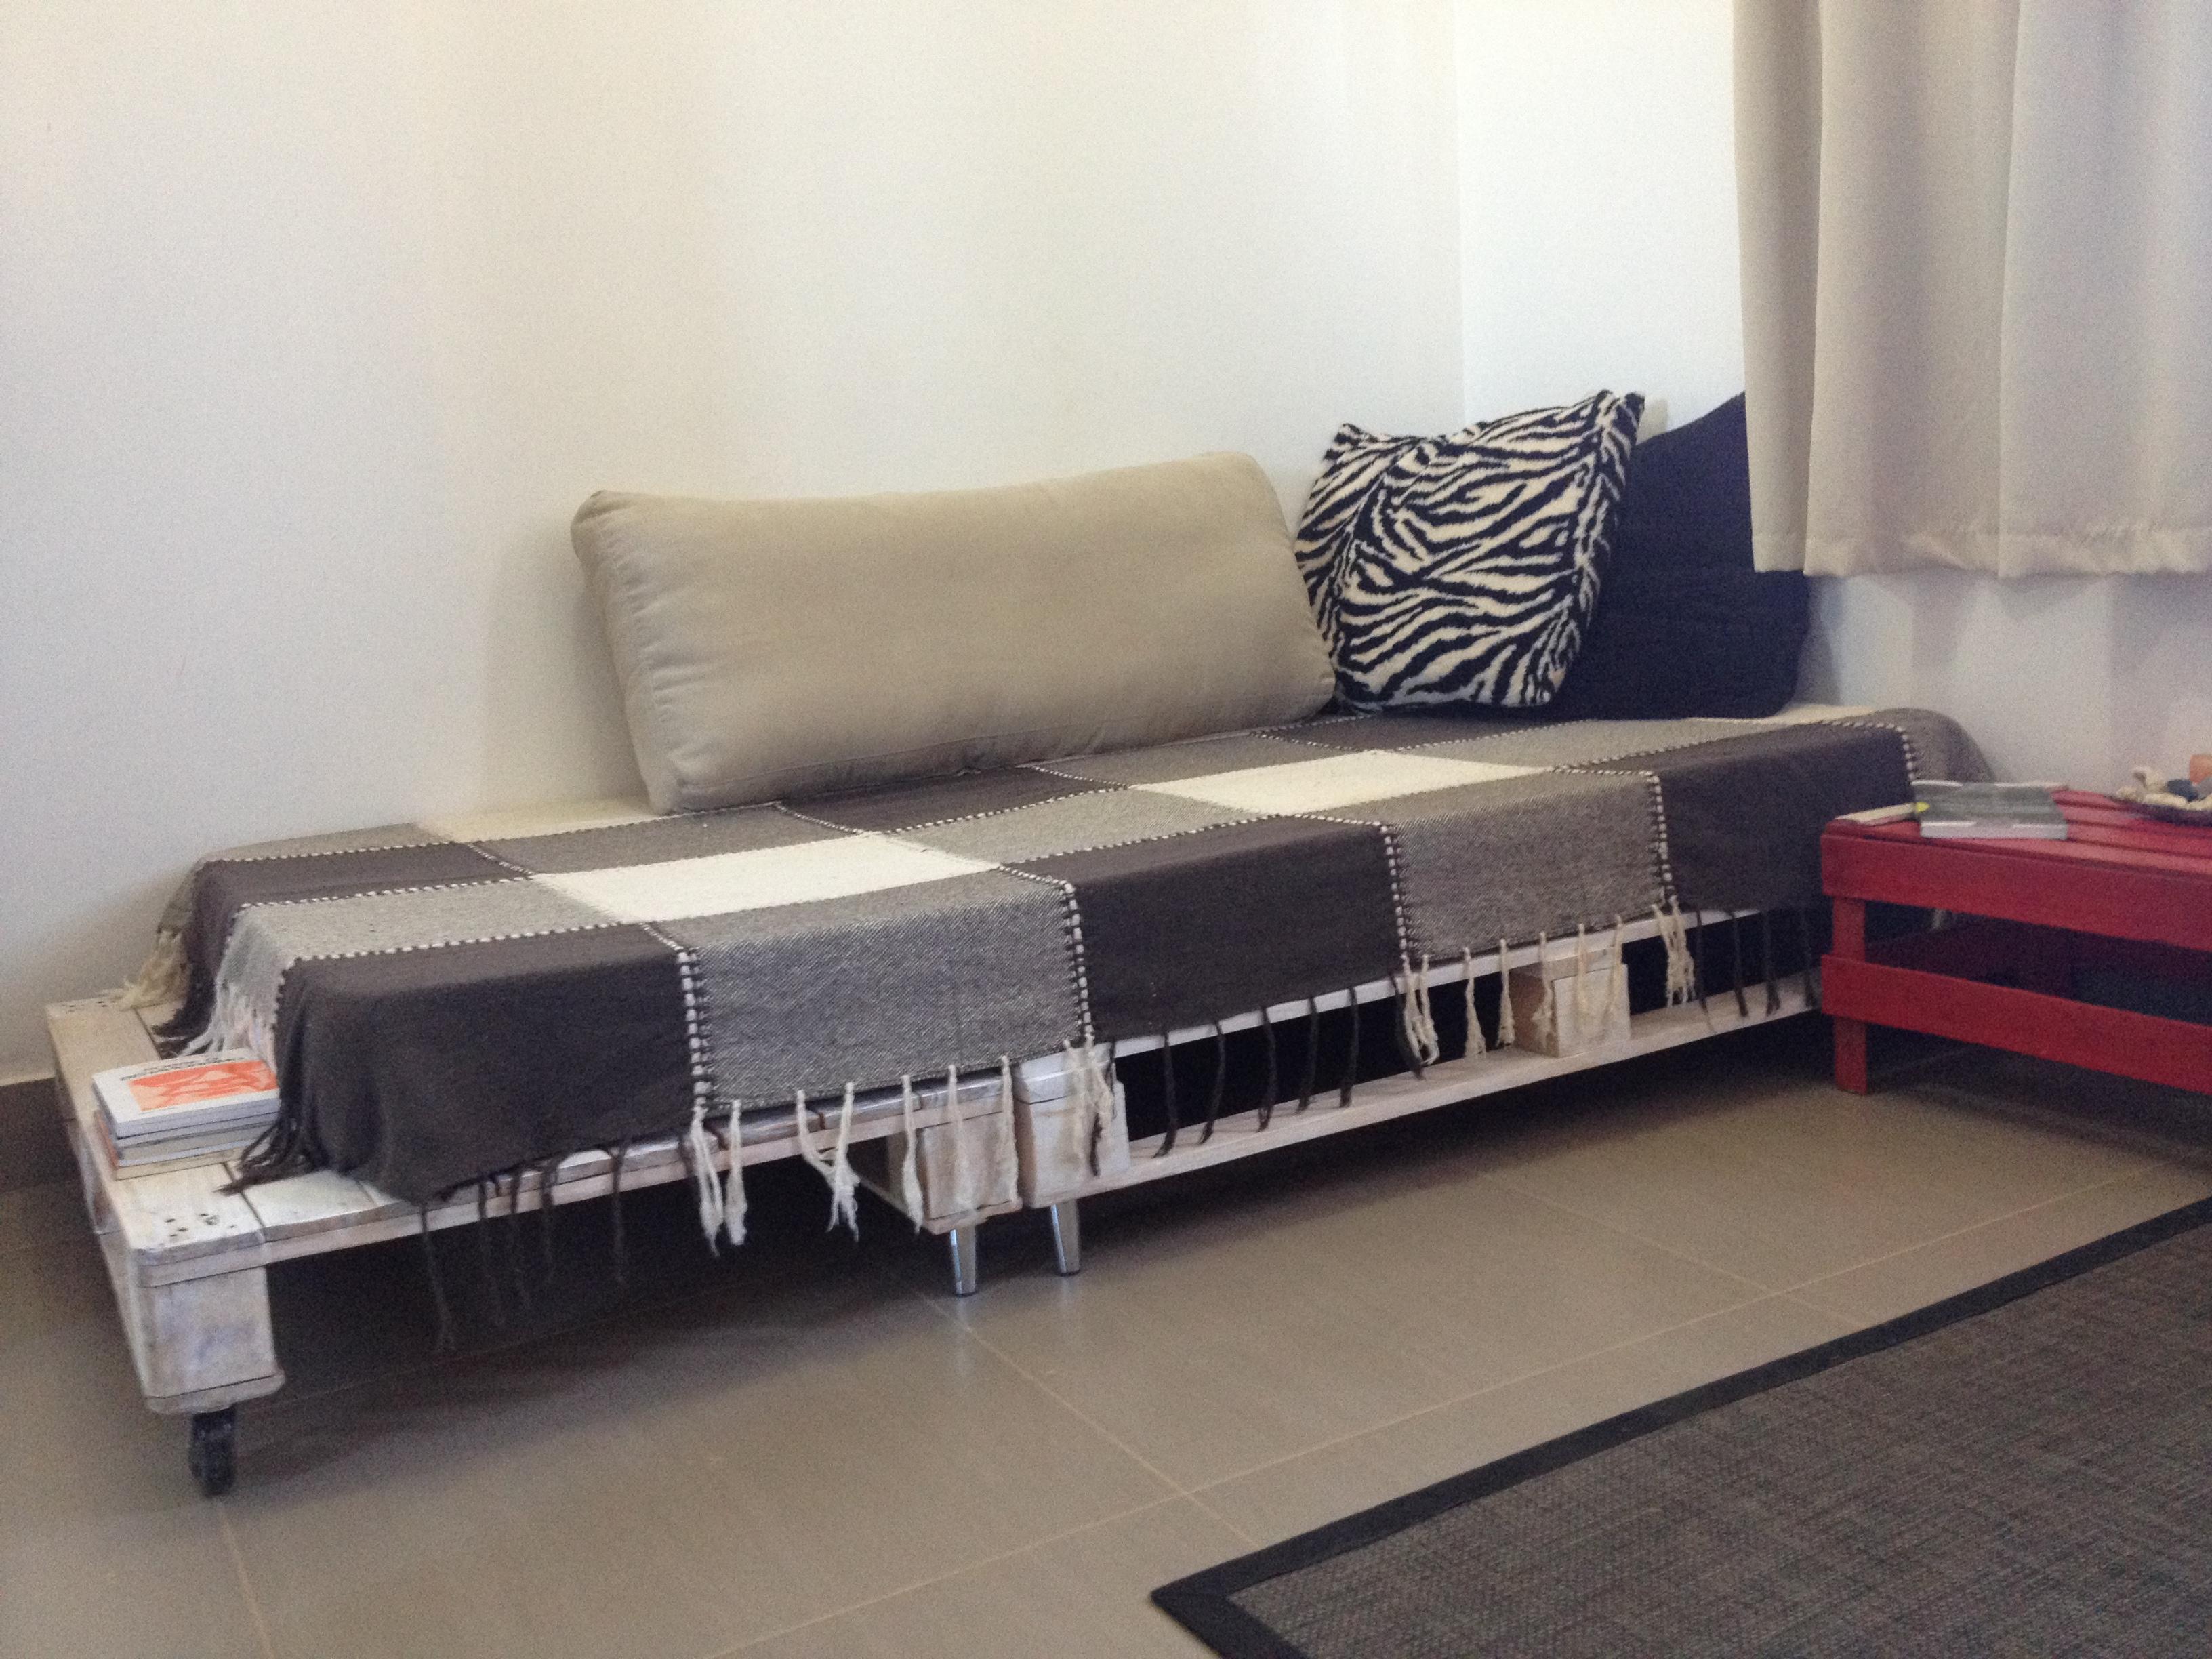 cama com dois pallets para suportar colchão de solteiro